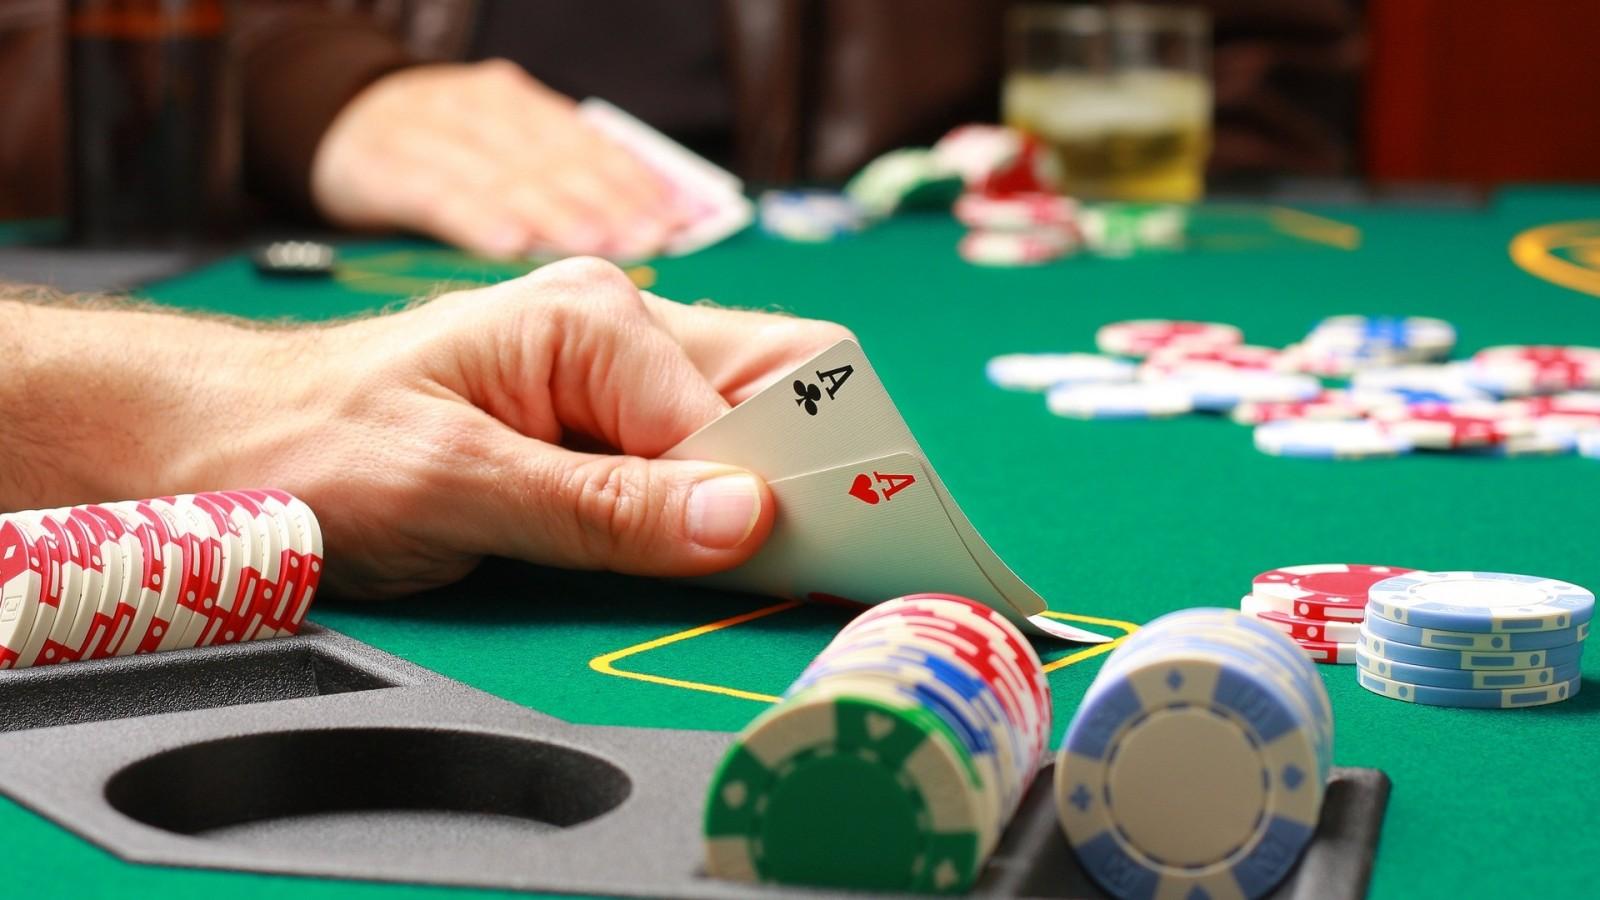 Ставки это азартные игры мой муж парень играет в игровые автоматы